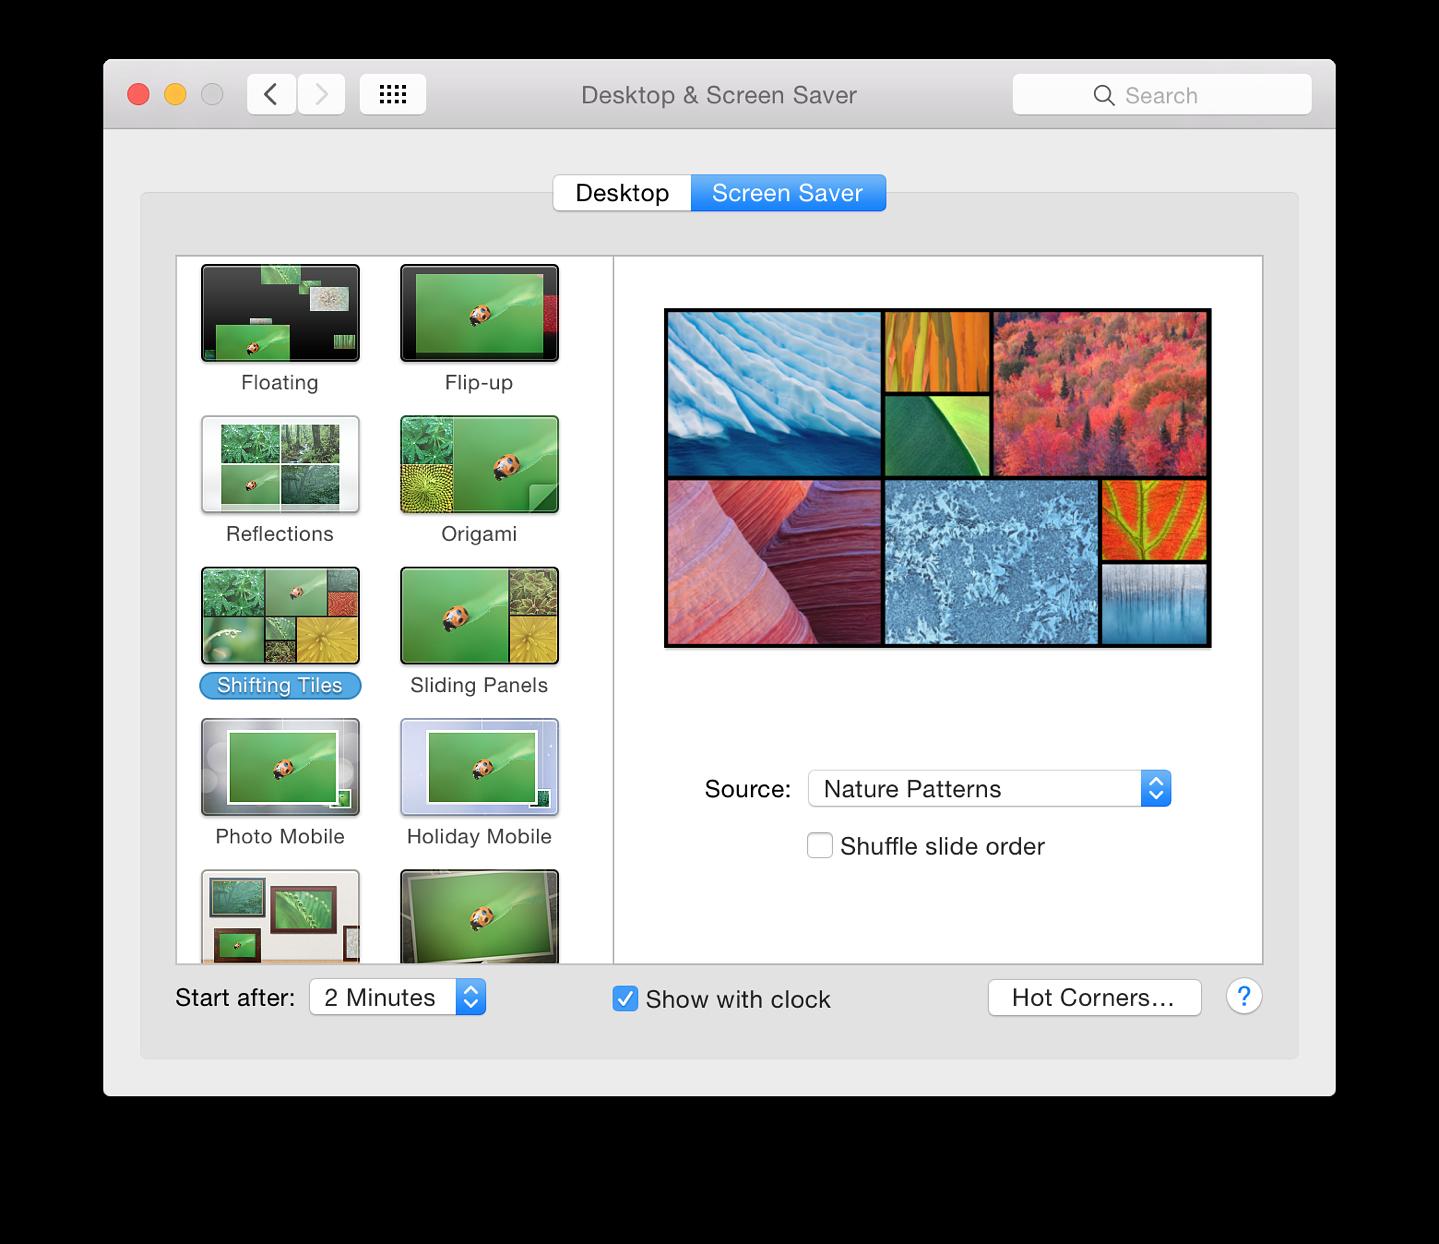 How to scrapbook on mac - Desktop